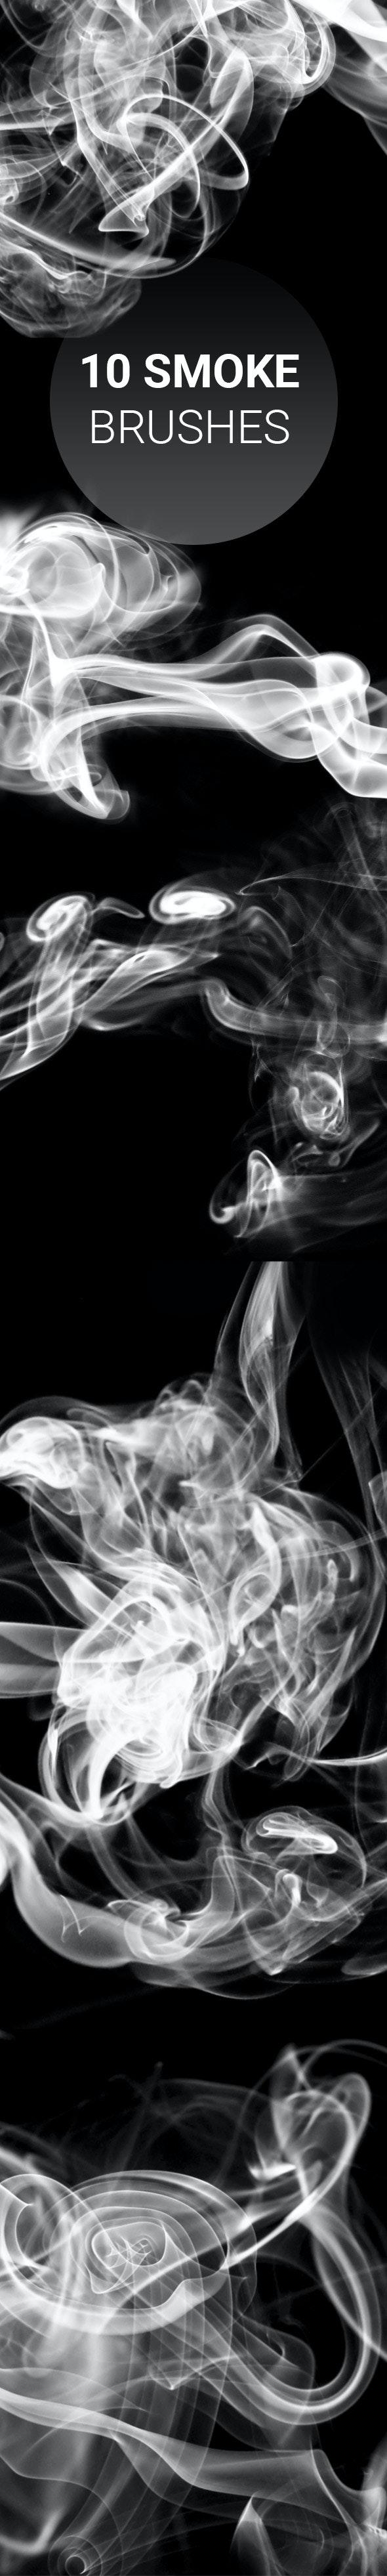 10 Smoke Brushes - Brushes Photoshop